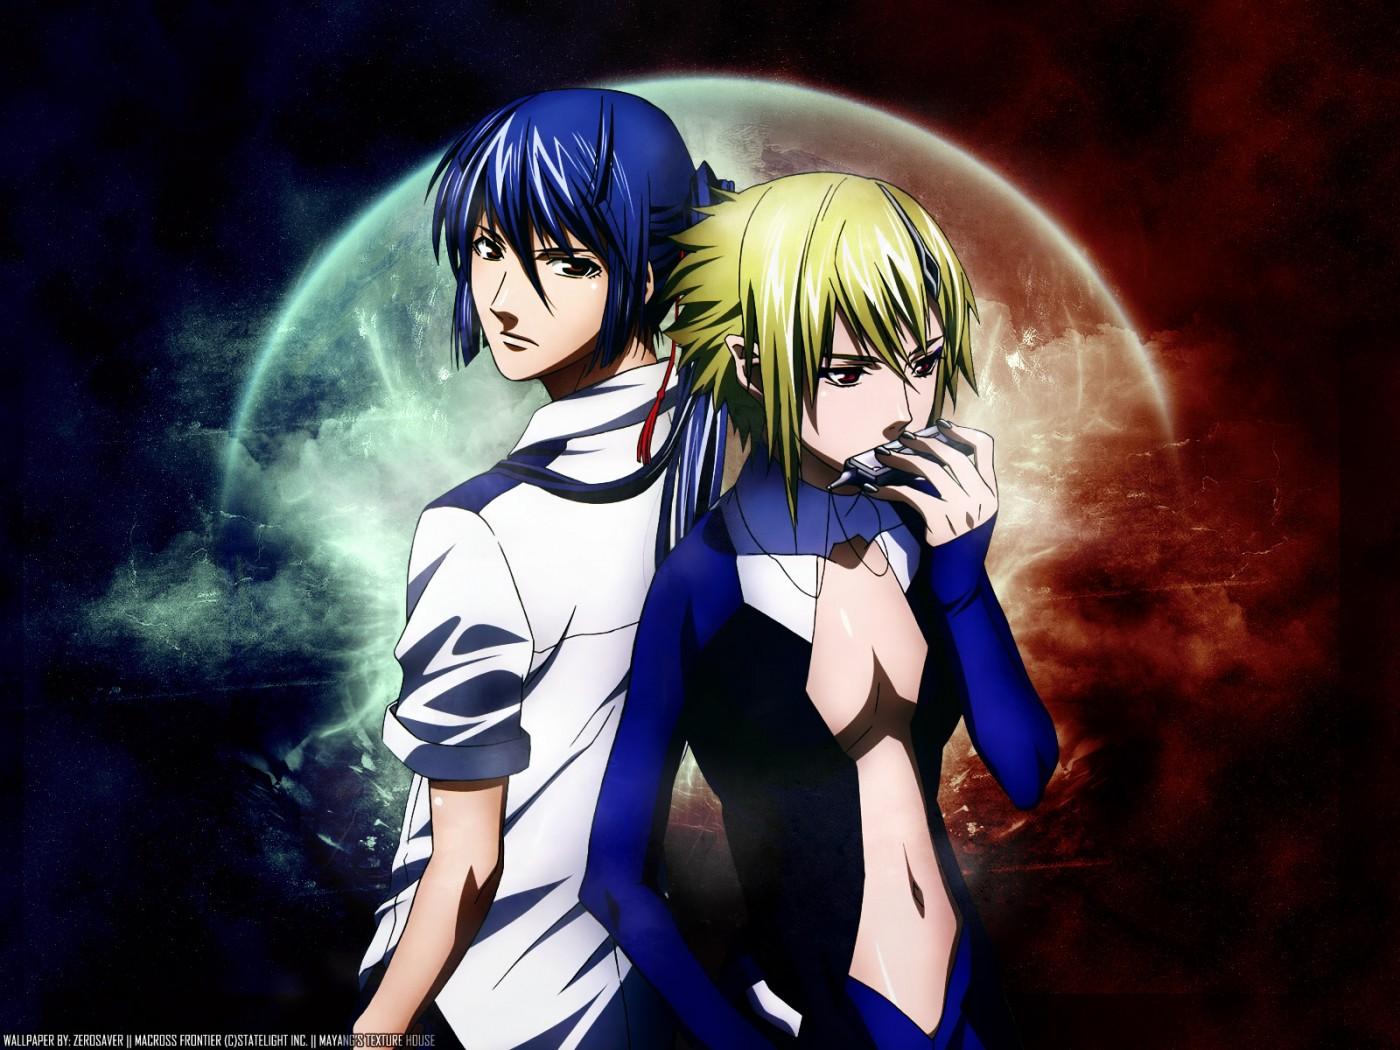 Tags Anime Macross Frontier Brera Sterne Saotome Alto